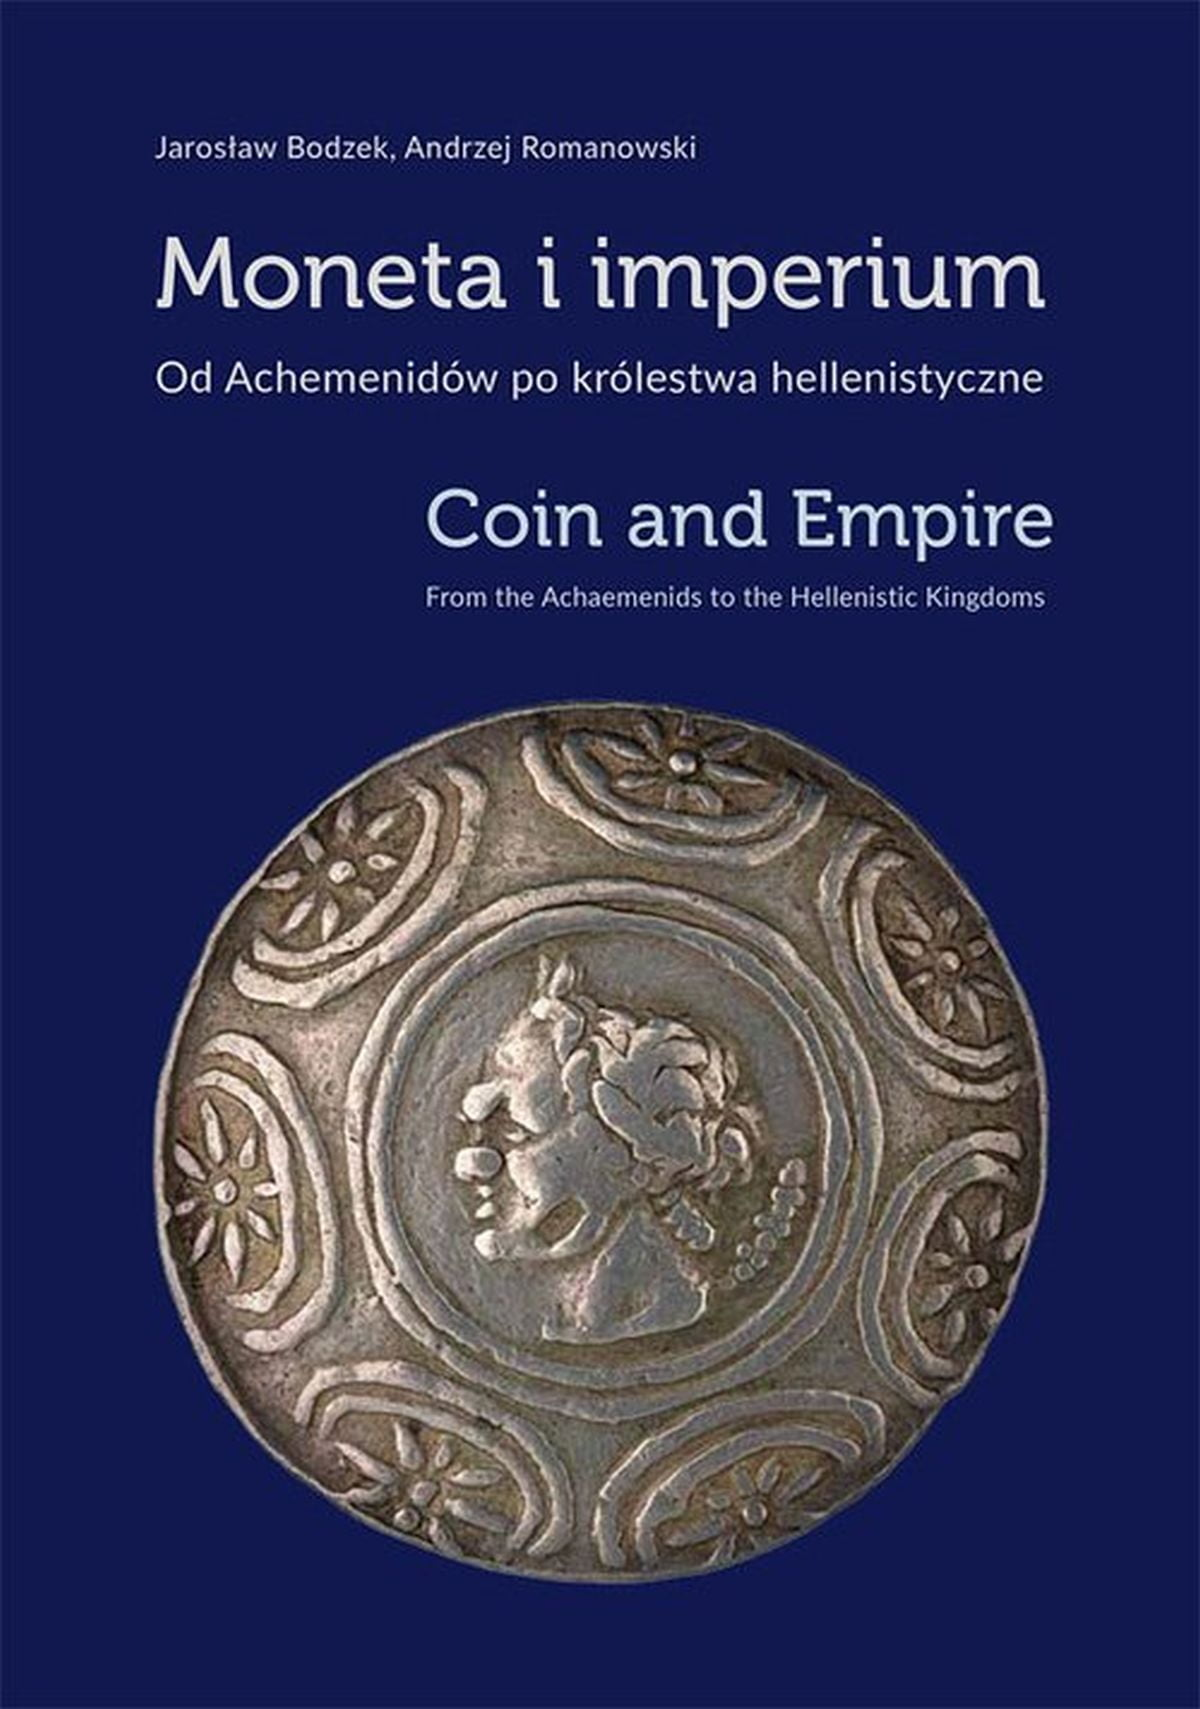 Moneta i imperium. Od Achemenidów po królestwa hellenistyczne